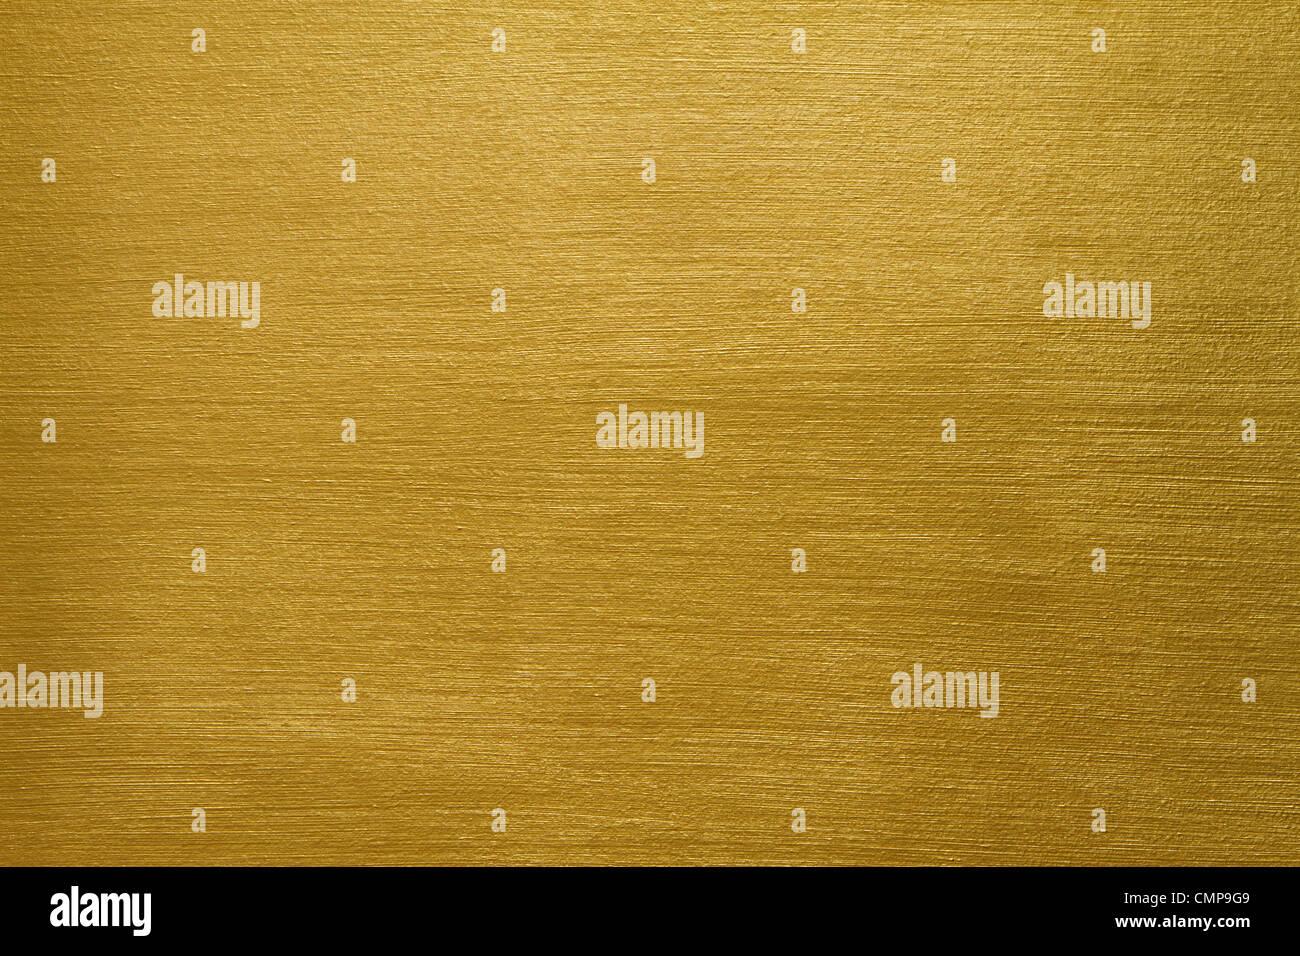 La texture di un muro di cemento rivestito con vernice dorata con lunghi tratti Immagini Stock